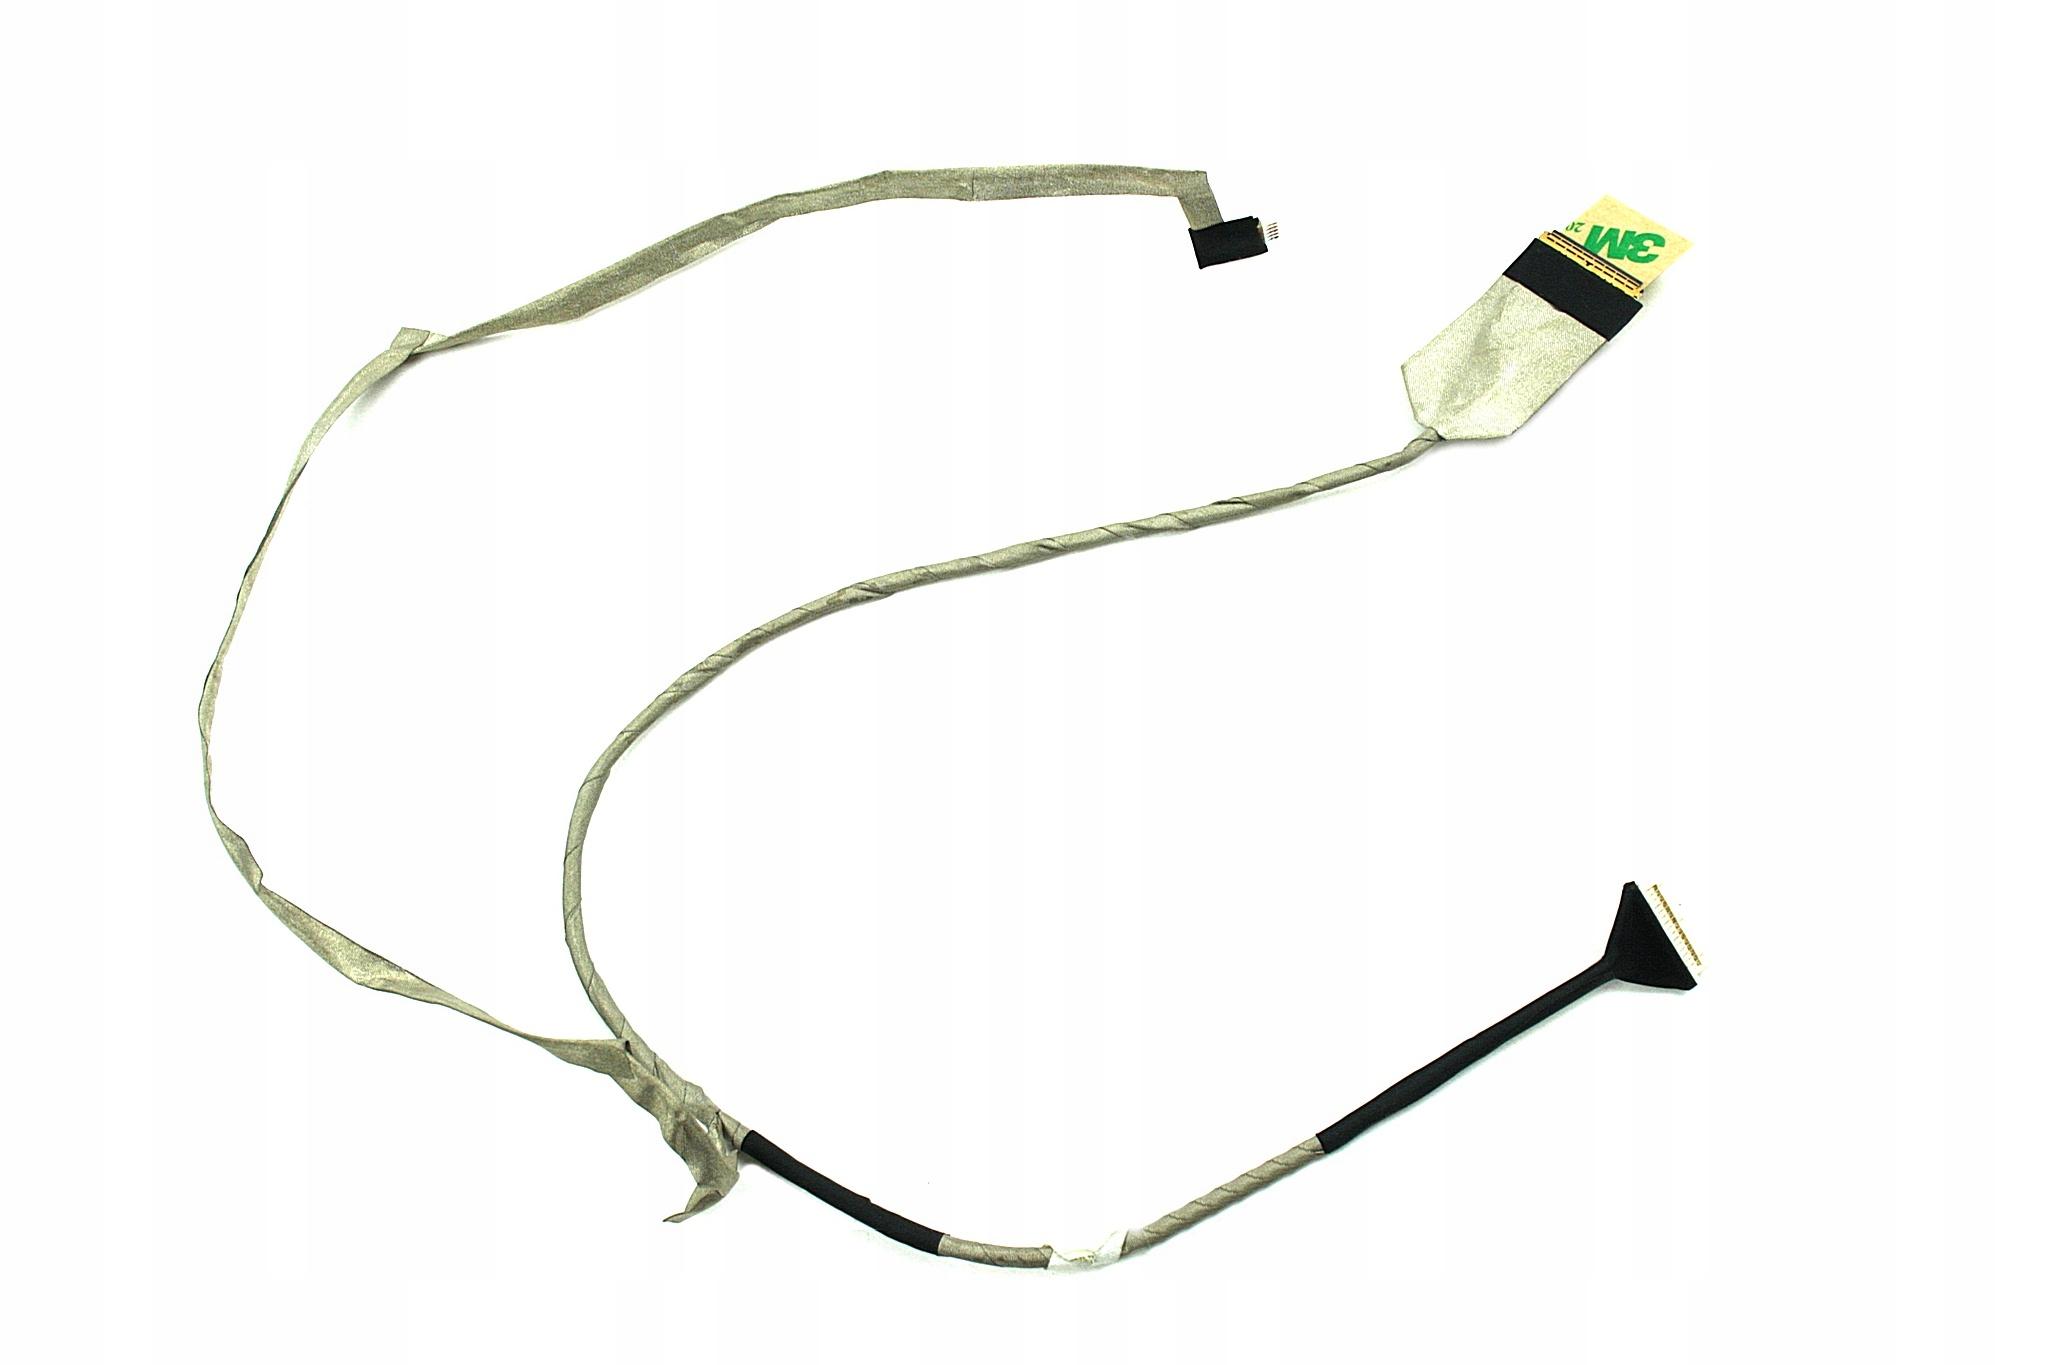 TAŚMA LED MATRYCY LENOVO G560 G565 Z560 Z565 DC02000ZI10 DC02000ZI0 1AB54I00323 NIWE2 - Taśmy i inwertery